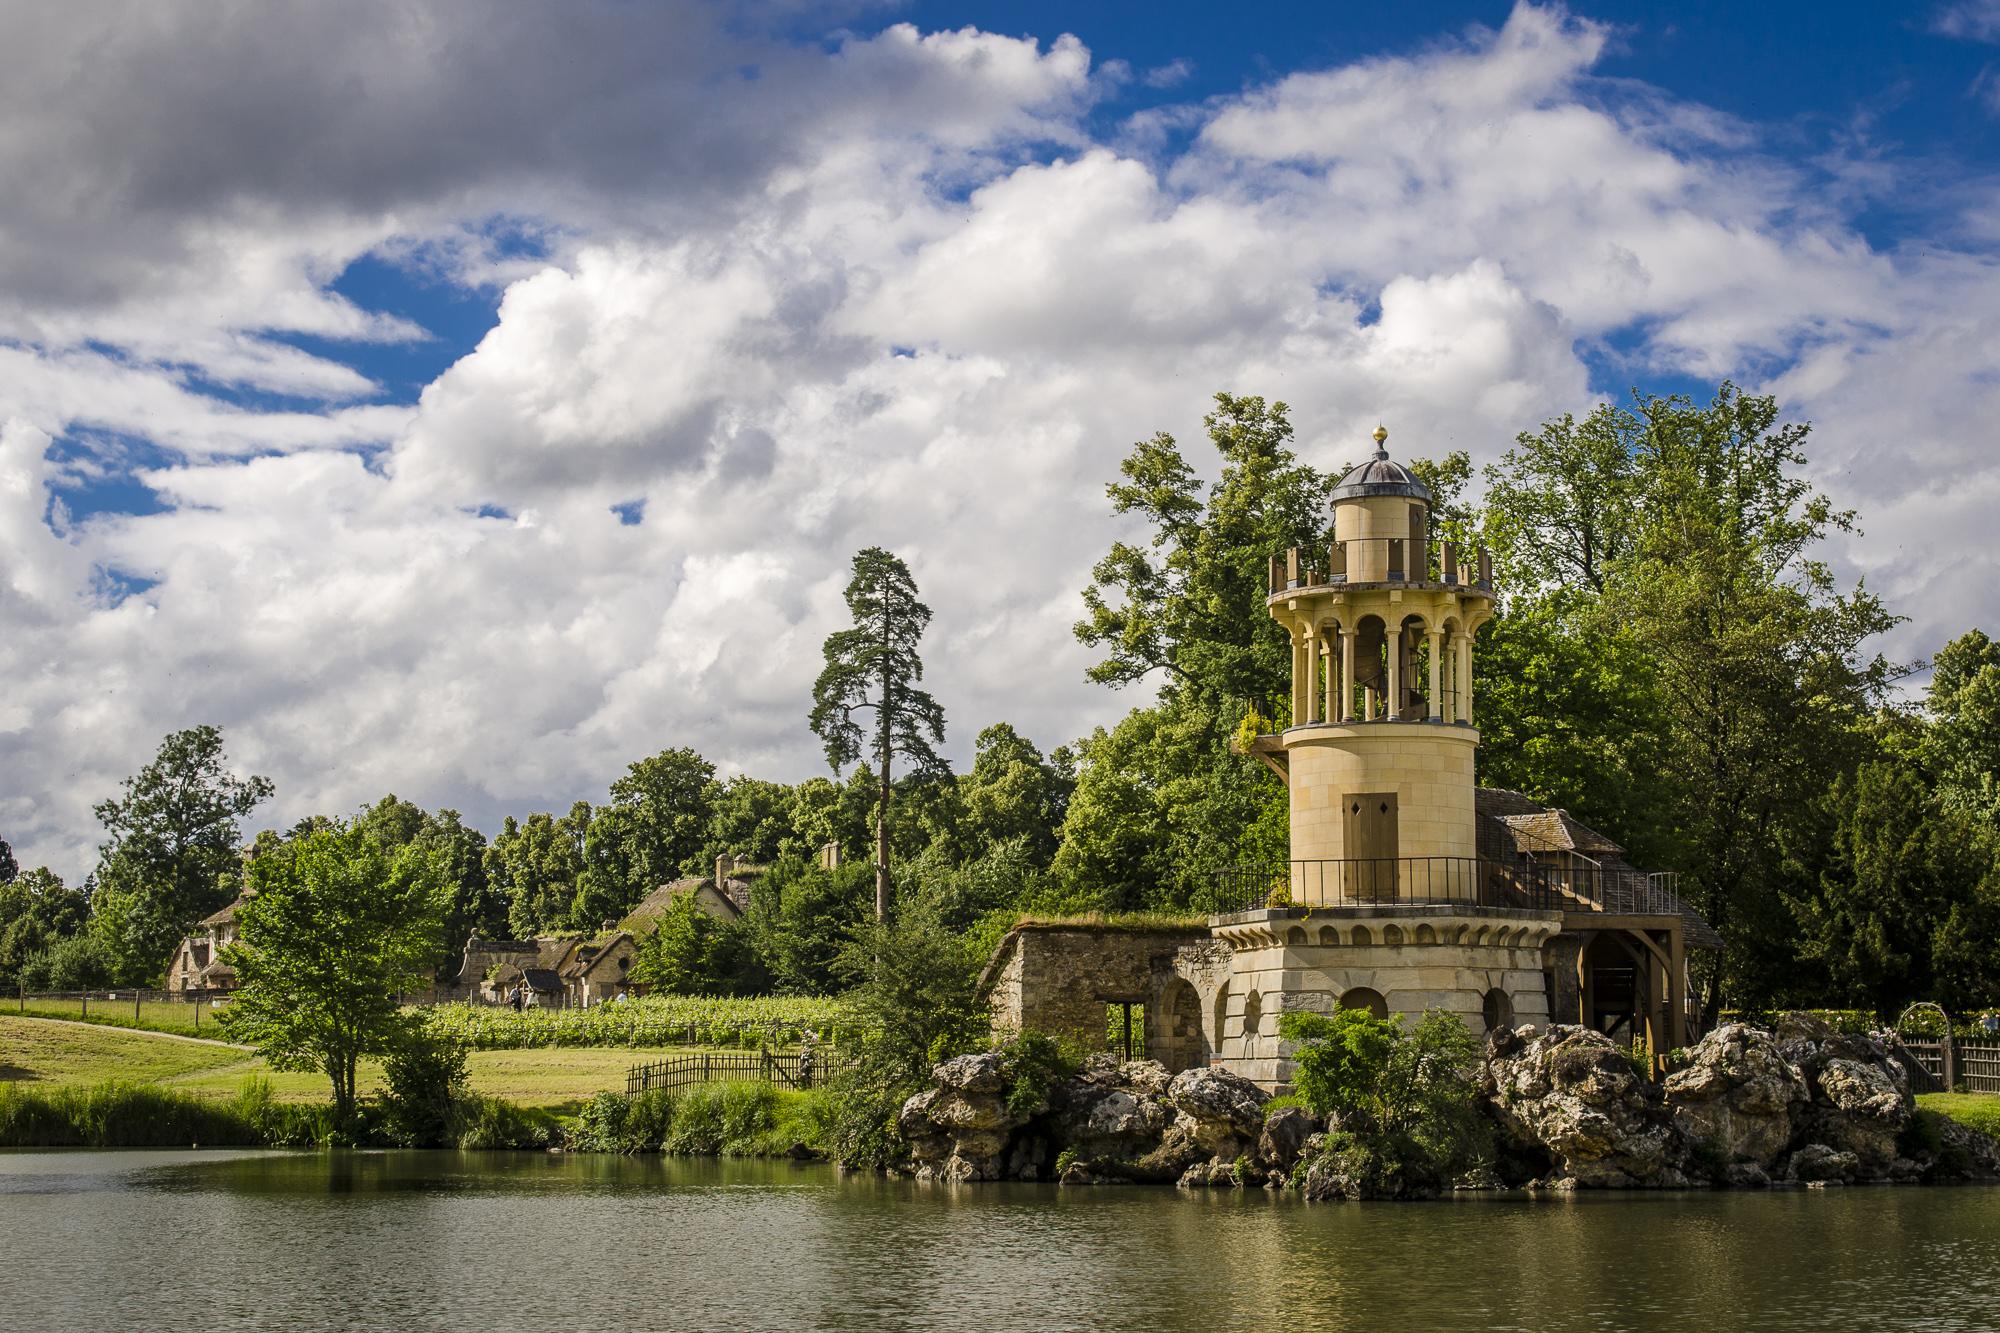 La tour de la pêcherie - Hameau de la Reine  PHOTOGRAPHY: ALEXANDER J.E. BRADLEY • NIKON D7000 • AF-S NIKKOR 24-70mm f/2.8G ED @ 34mm • Ƒ/9 • 1/320• ISO 100